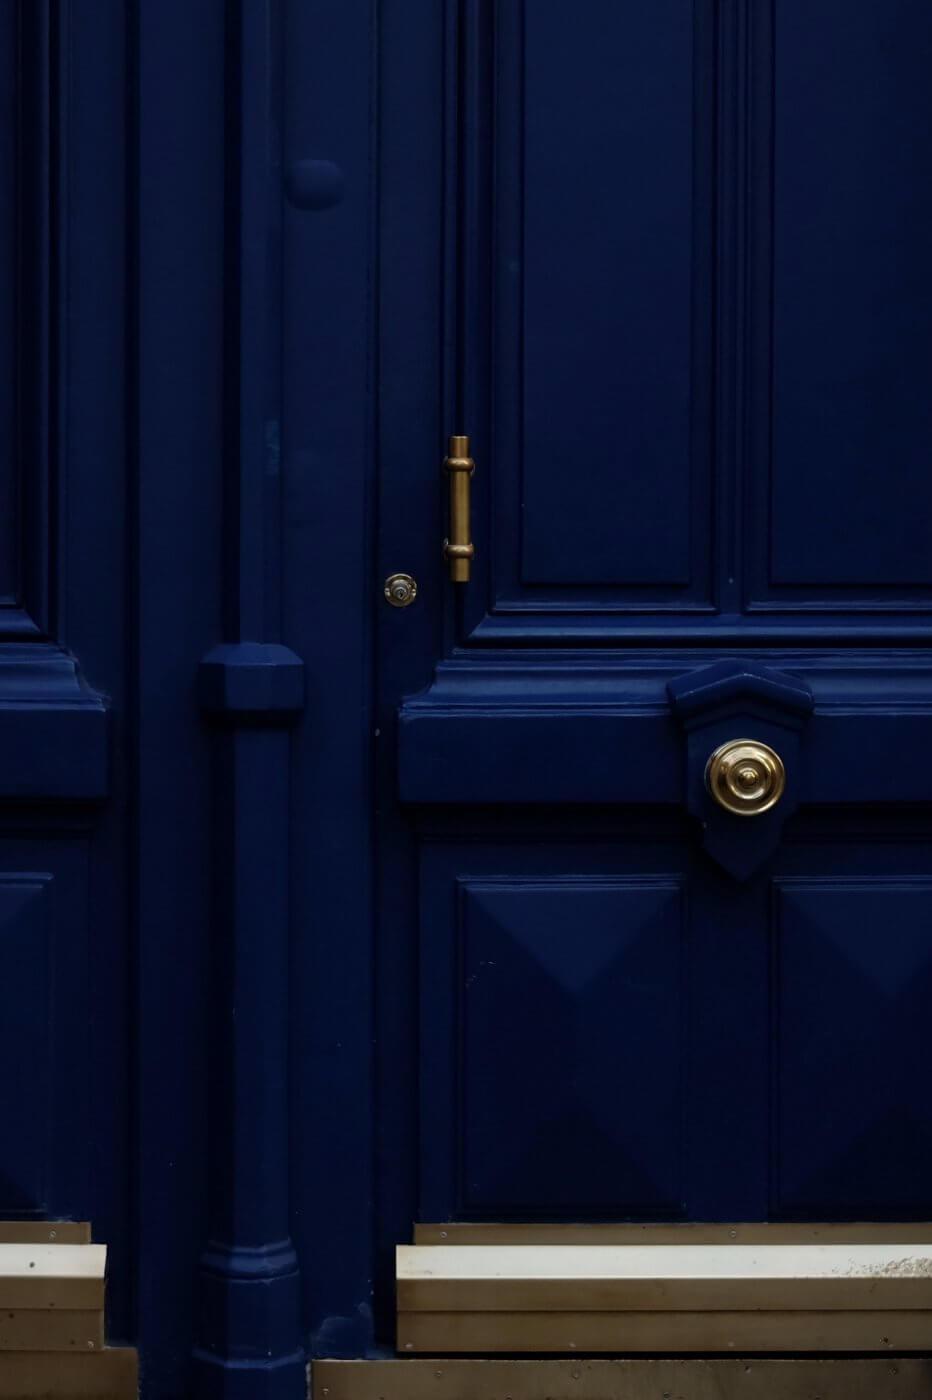 Blue Door | The Mustcard